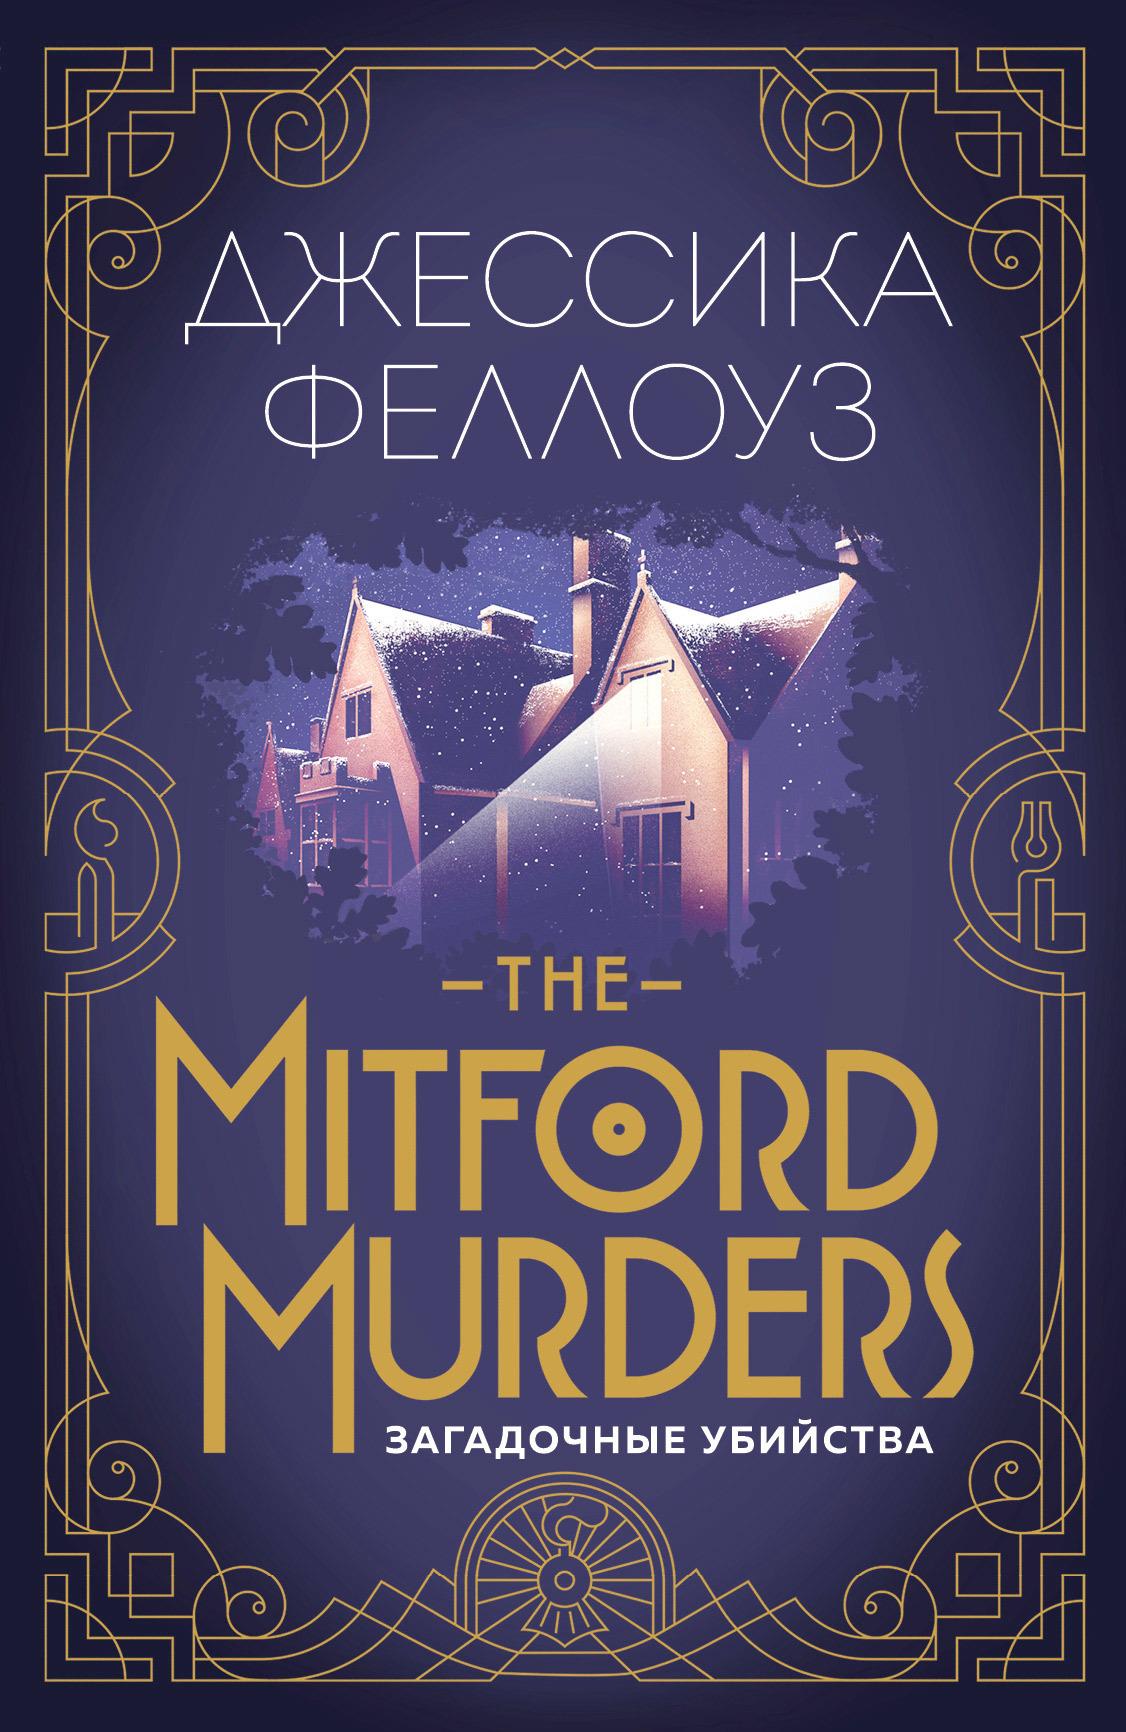 Джессика Феллоуз. The Mitford murders. Загадочные убийства